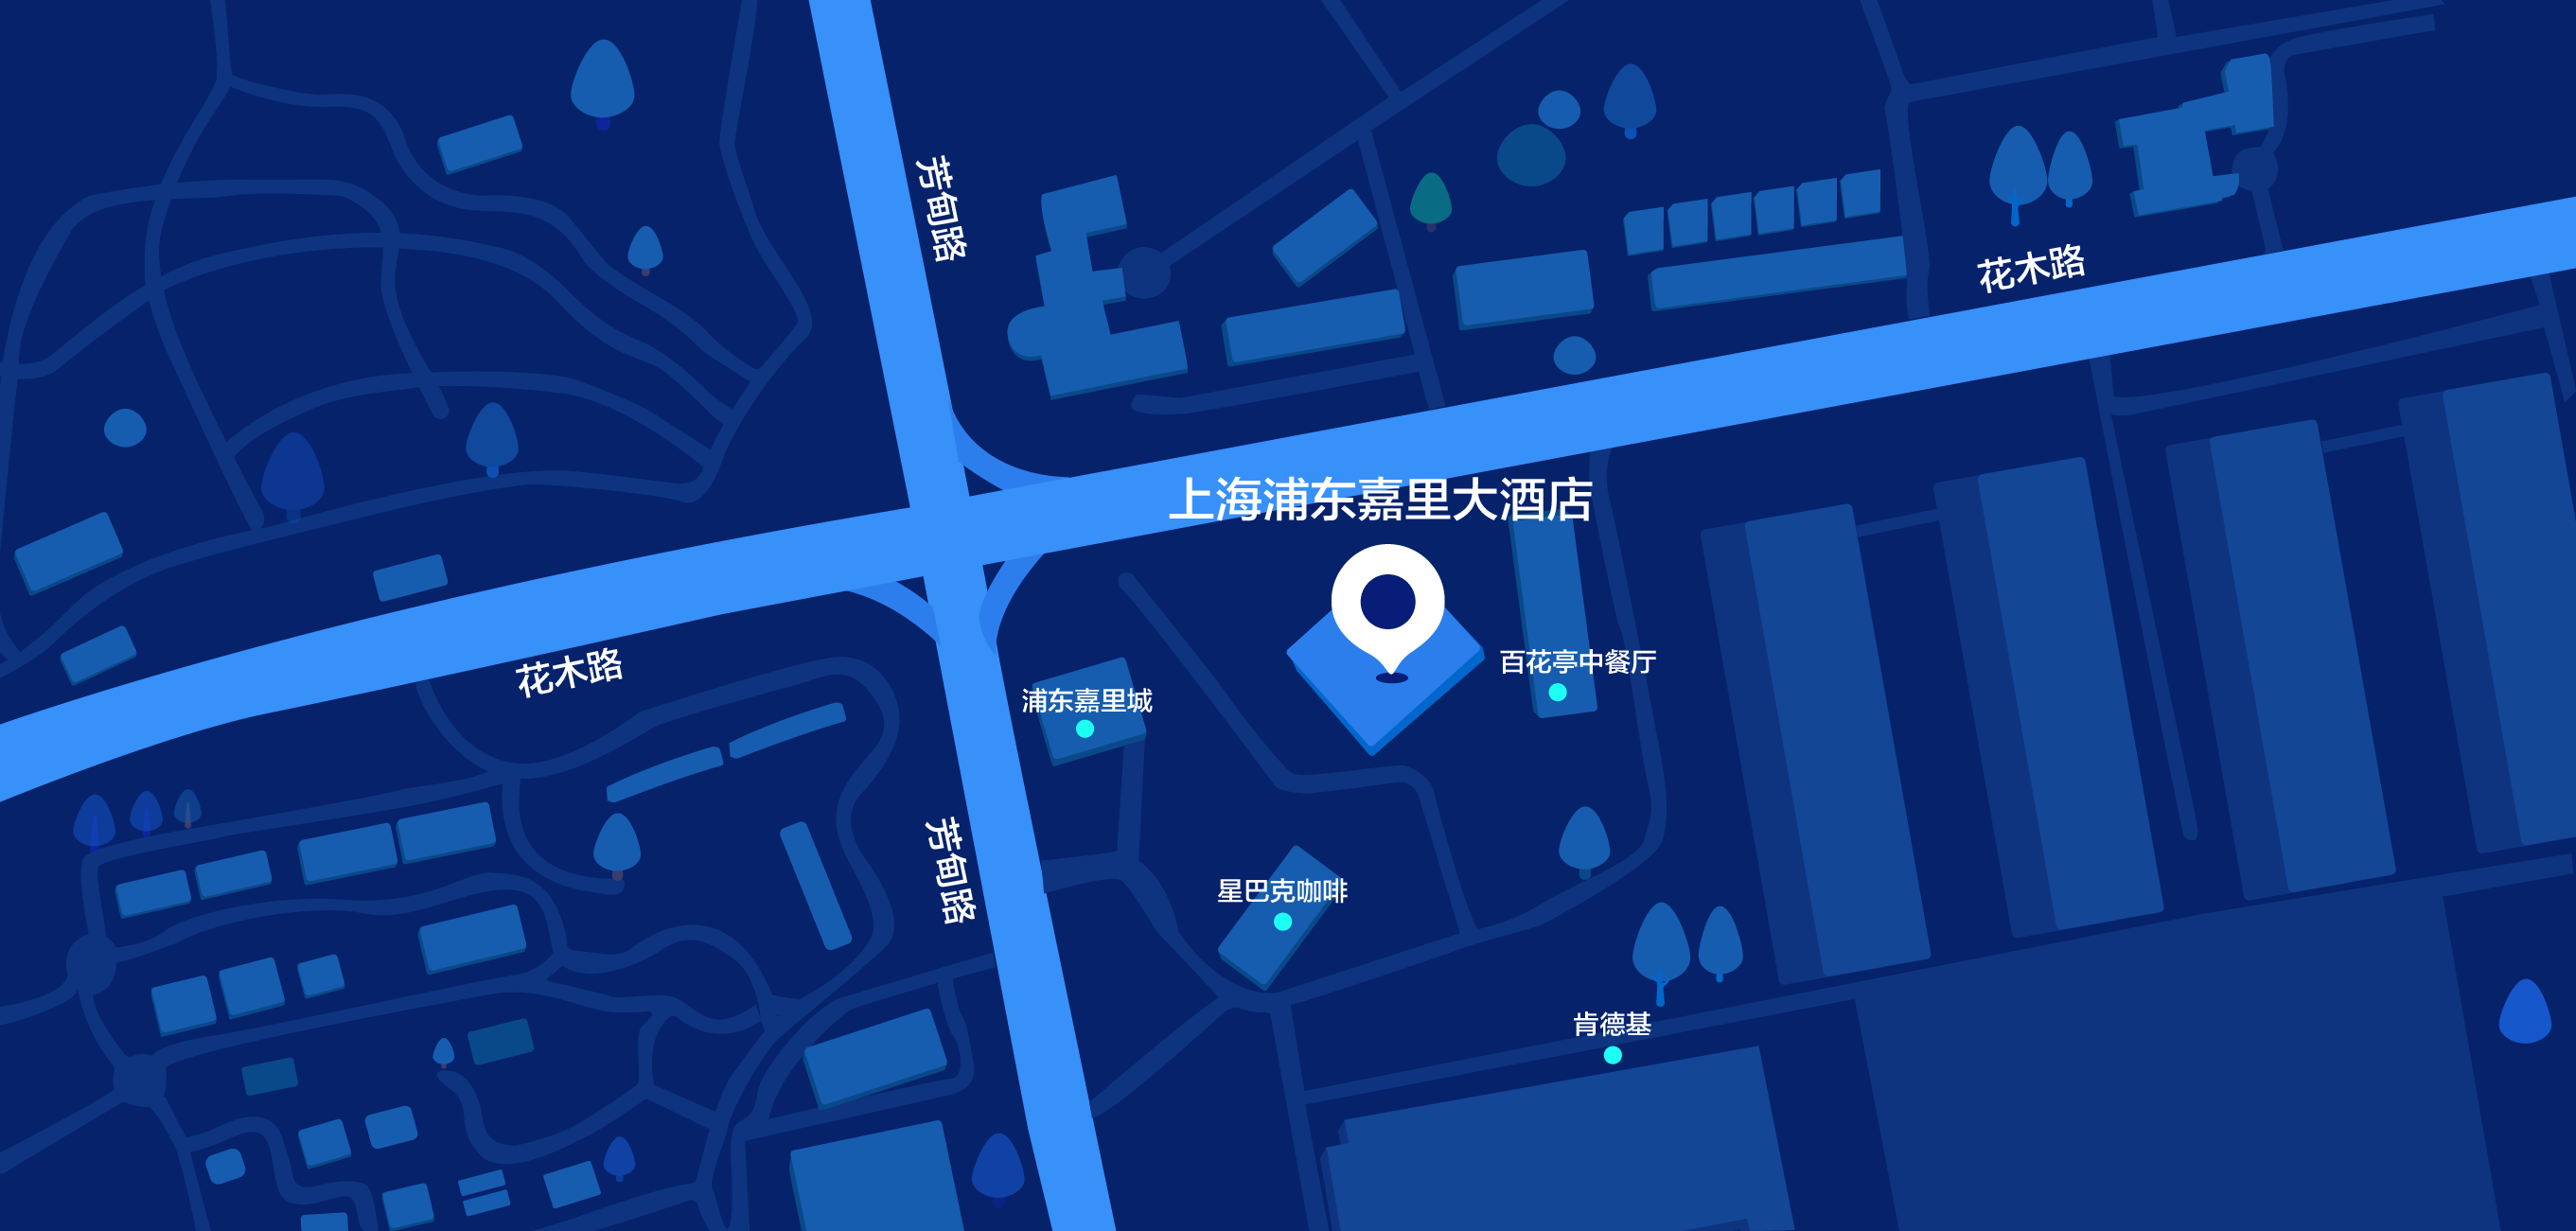 2019螞蟻金服ATEC城市峰會 -上海